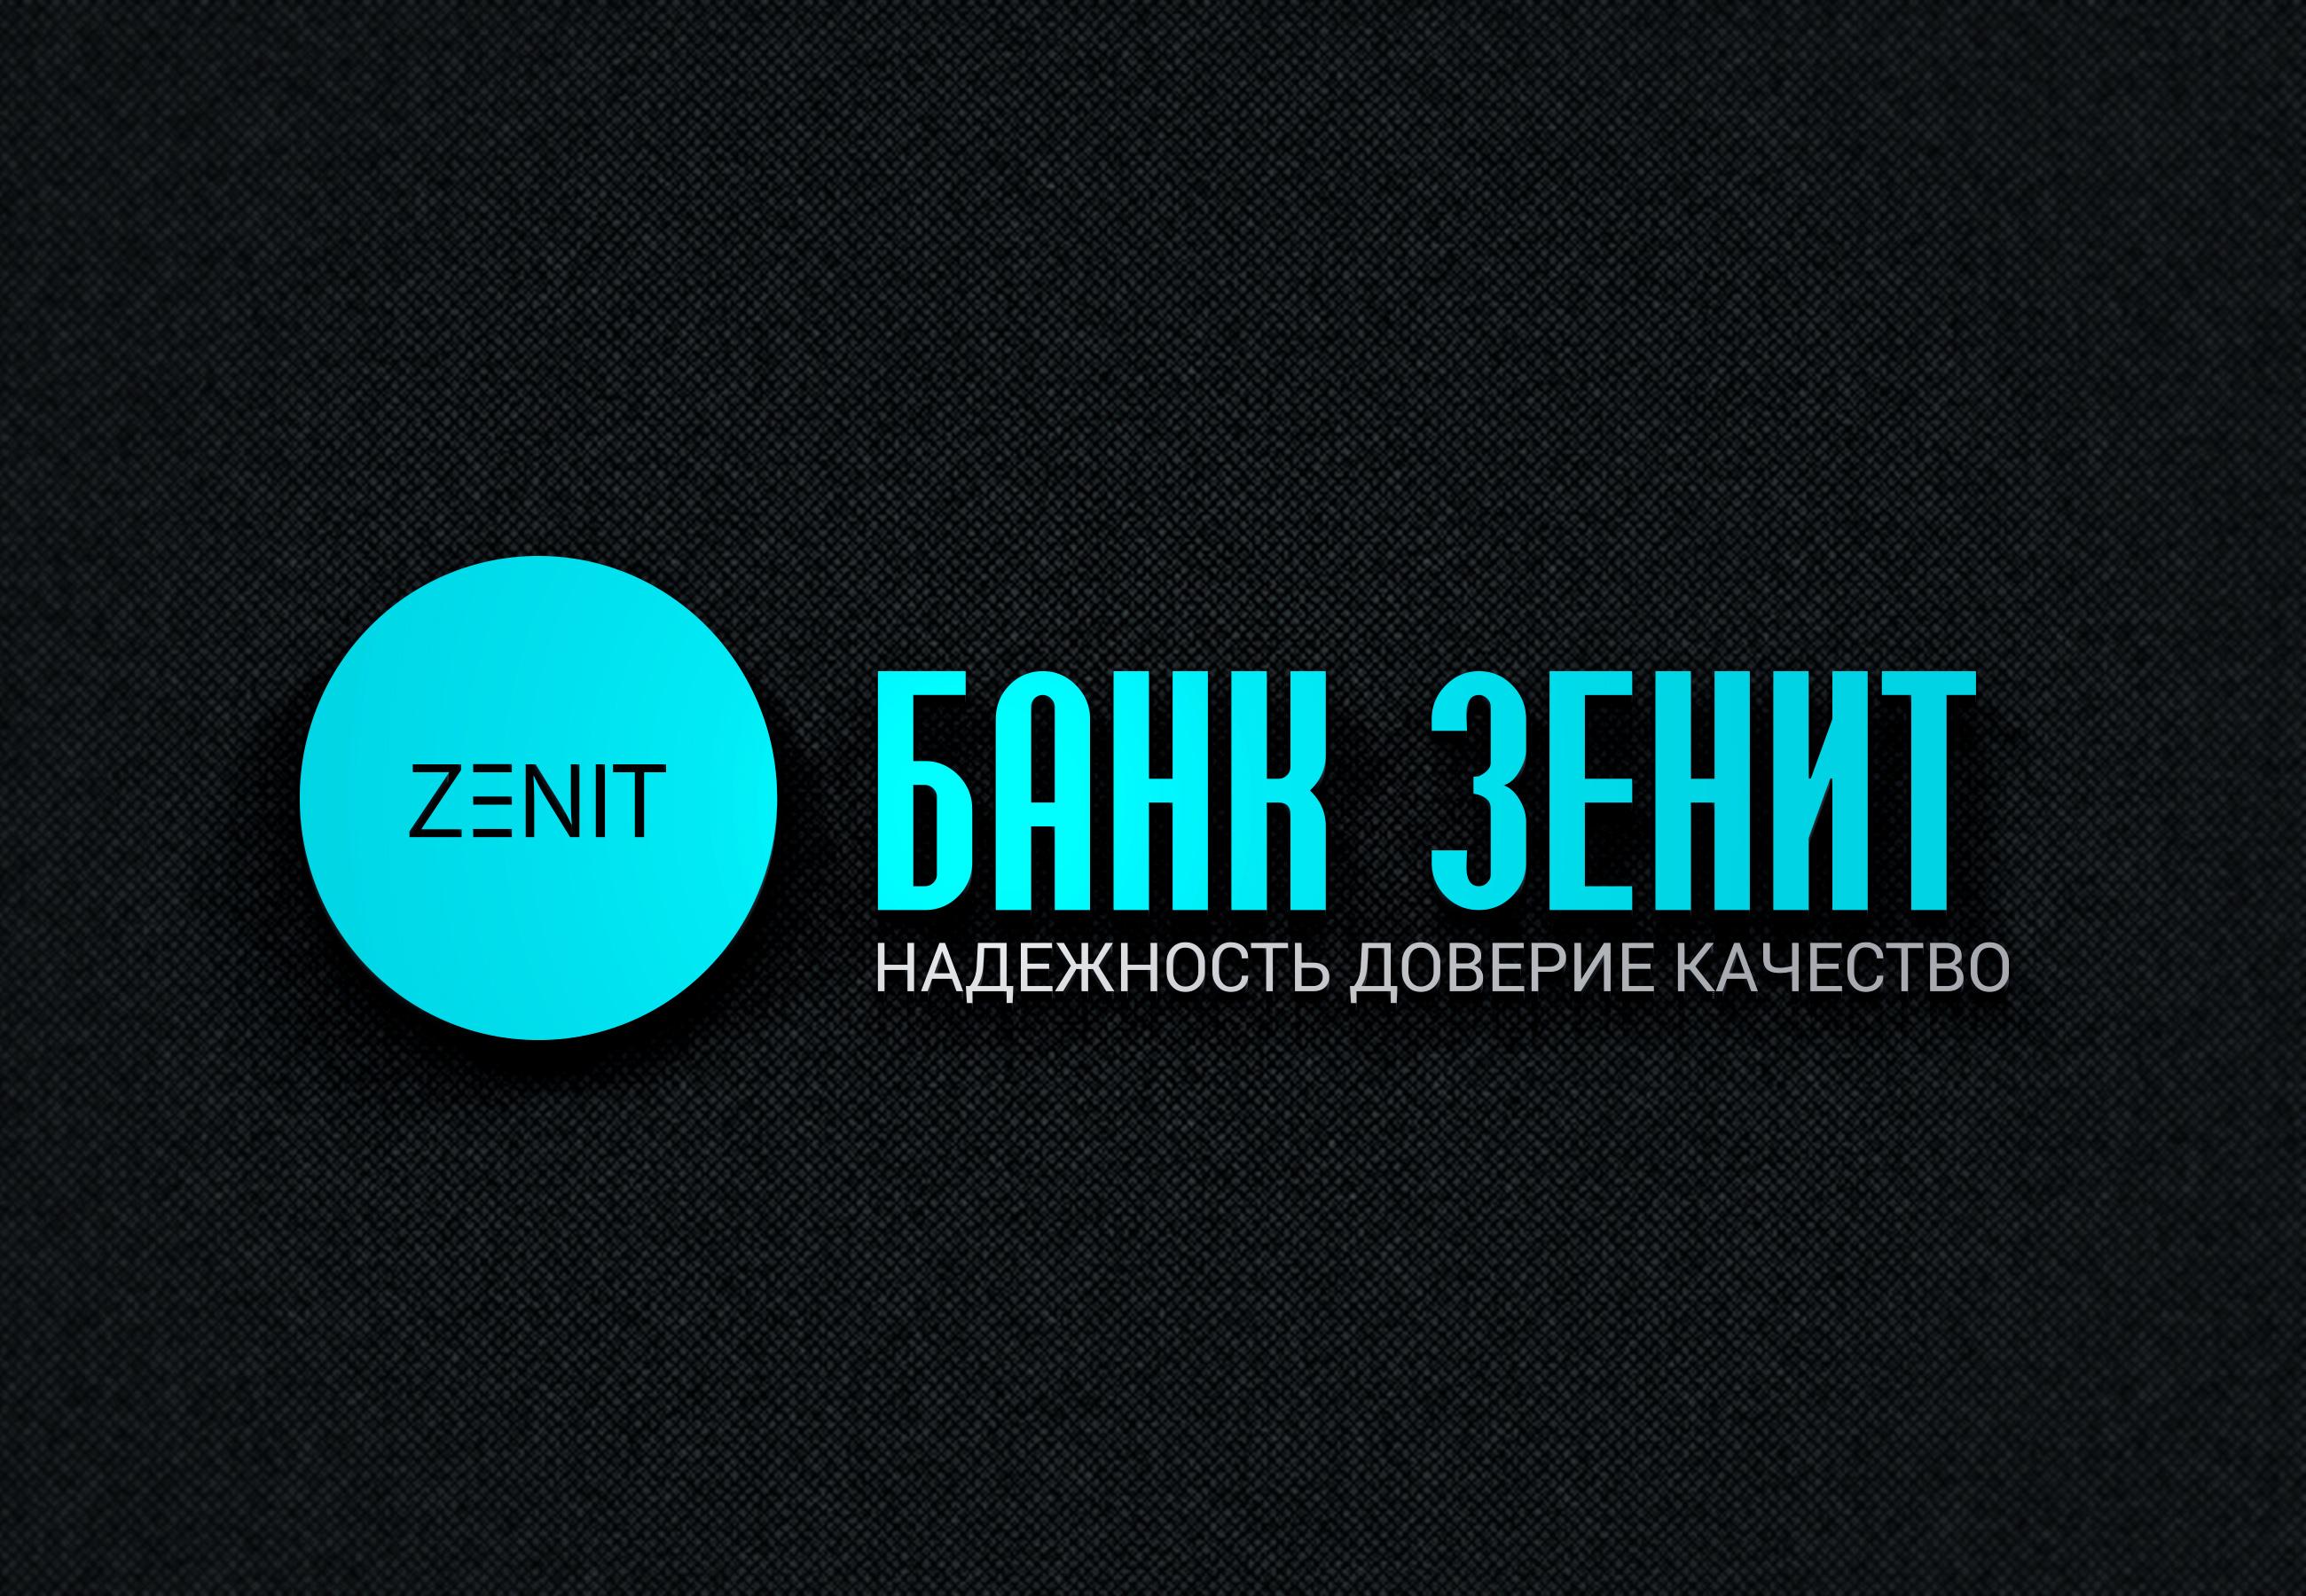 Разработка логотипа для Банка ЗЕНИТ фото f_1775b486473277e5.jpg